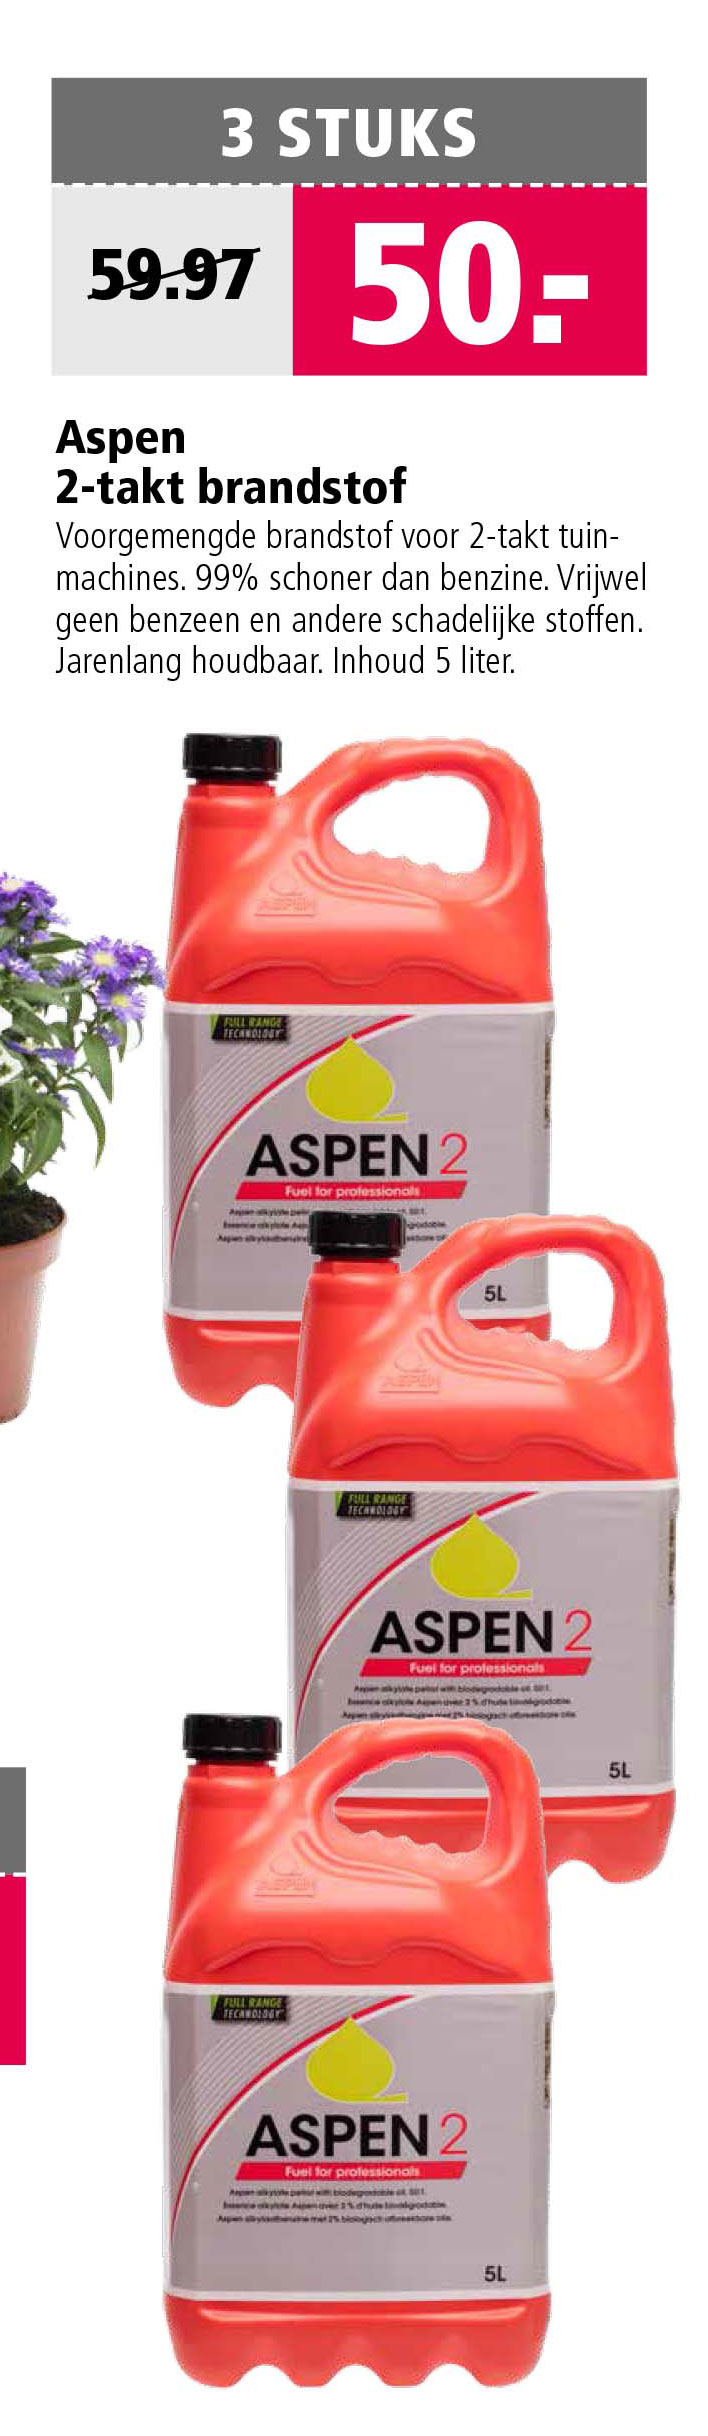 Welkoop Aspen 2 Takt Brandstof